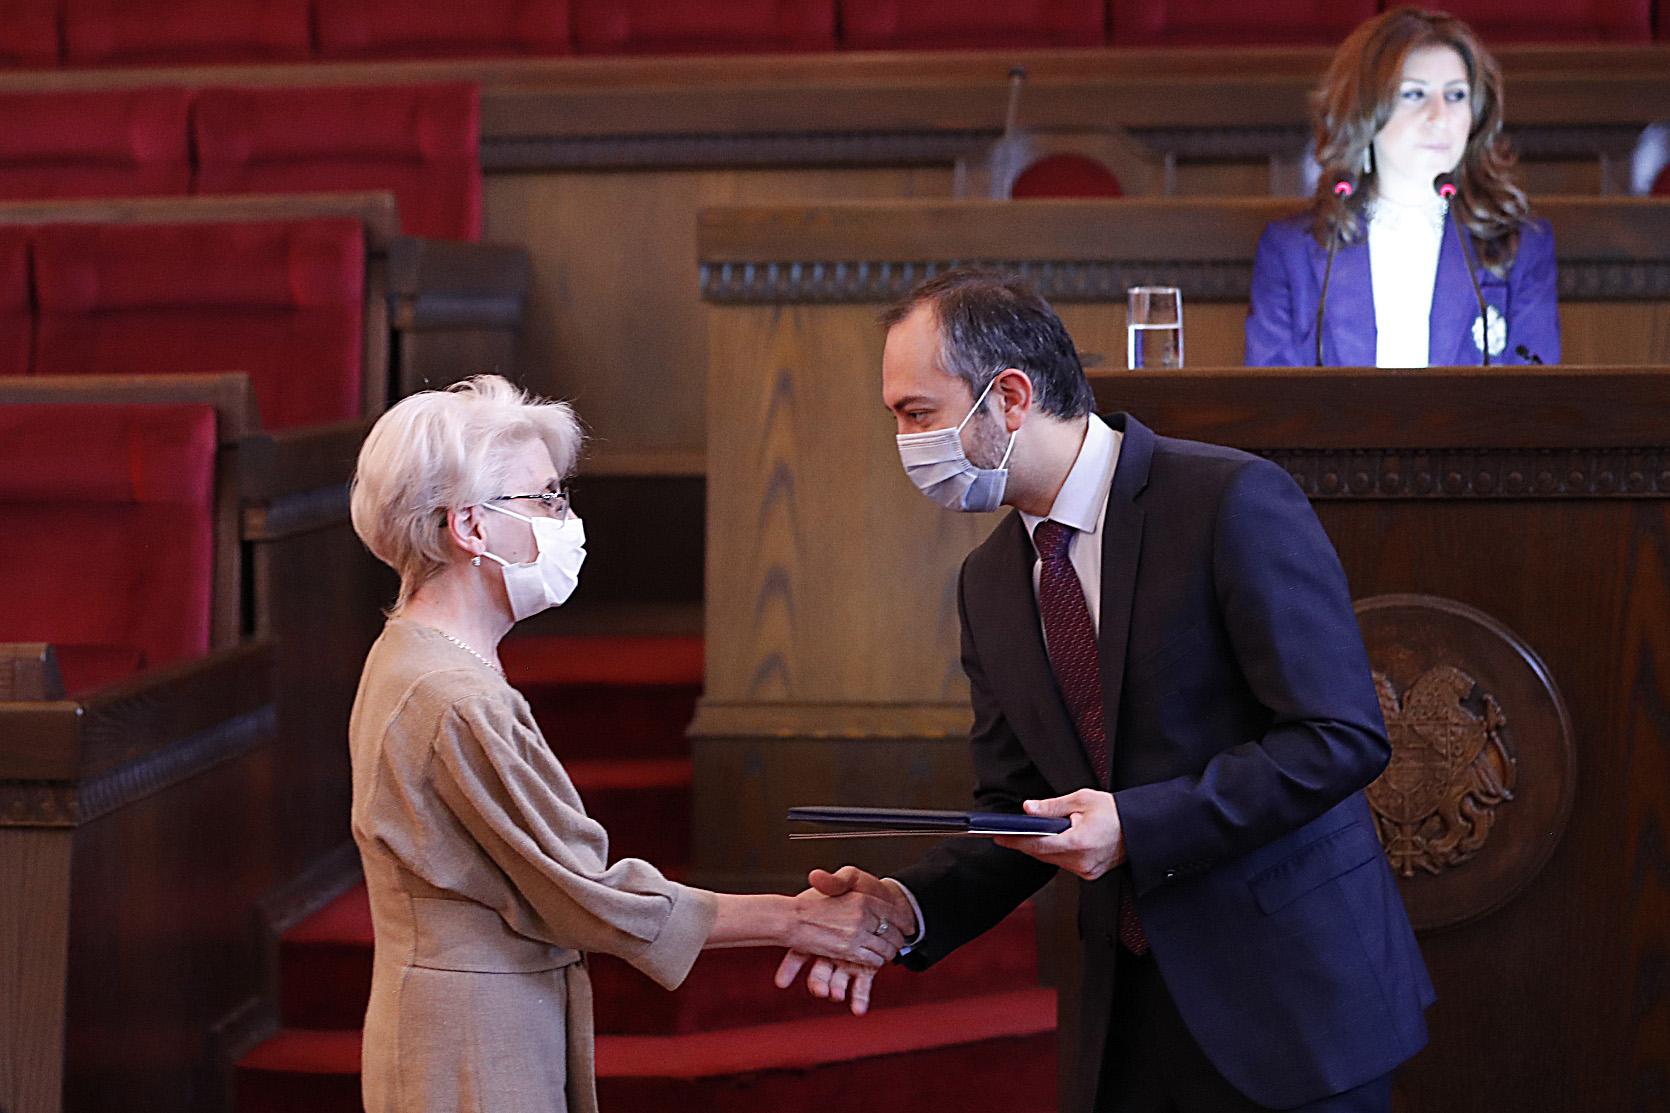 Photo of ՀՀ վարչապետի շնորհակալագրերով են խրախուսվել 100-ից ավելի բուժաշխատողներ և պետական կառավարման համակարգի աշխատակիցներ